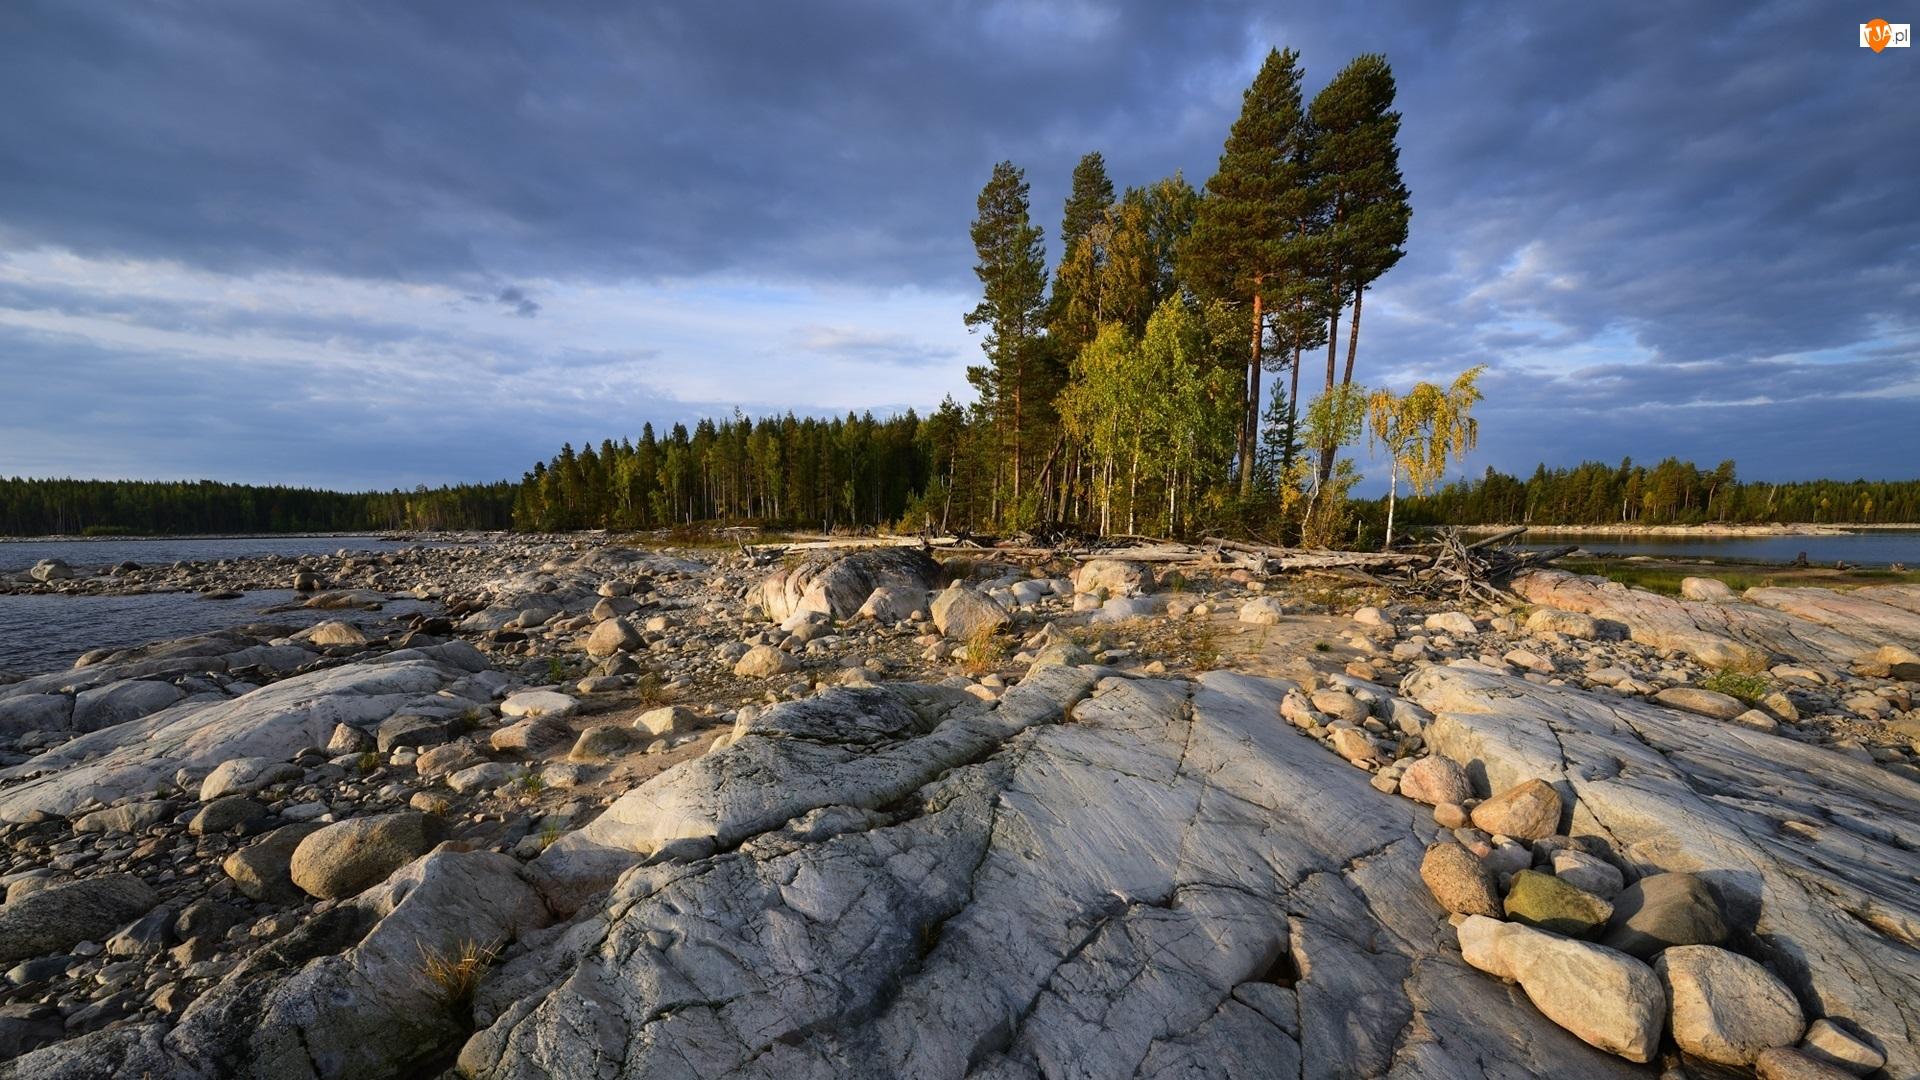 Skały, Jezioro Siegoziero, Drzewa, Rosja, Kamienie, Karelia